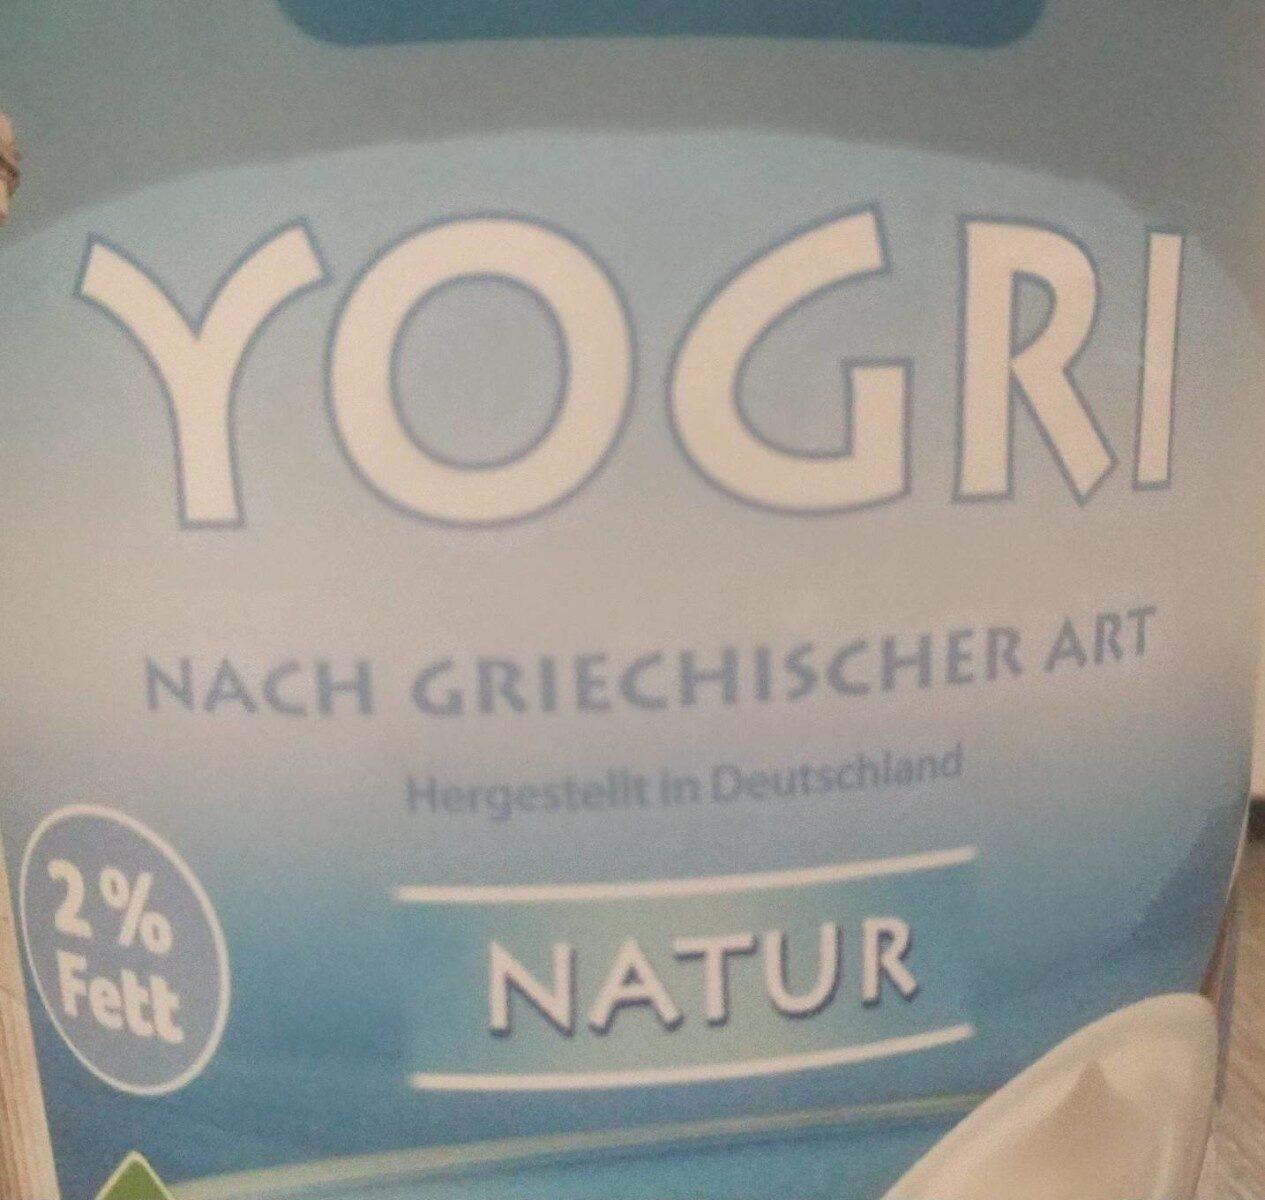 Yogri nach griechischer Art - Produkt - de